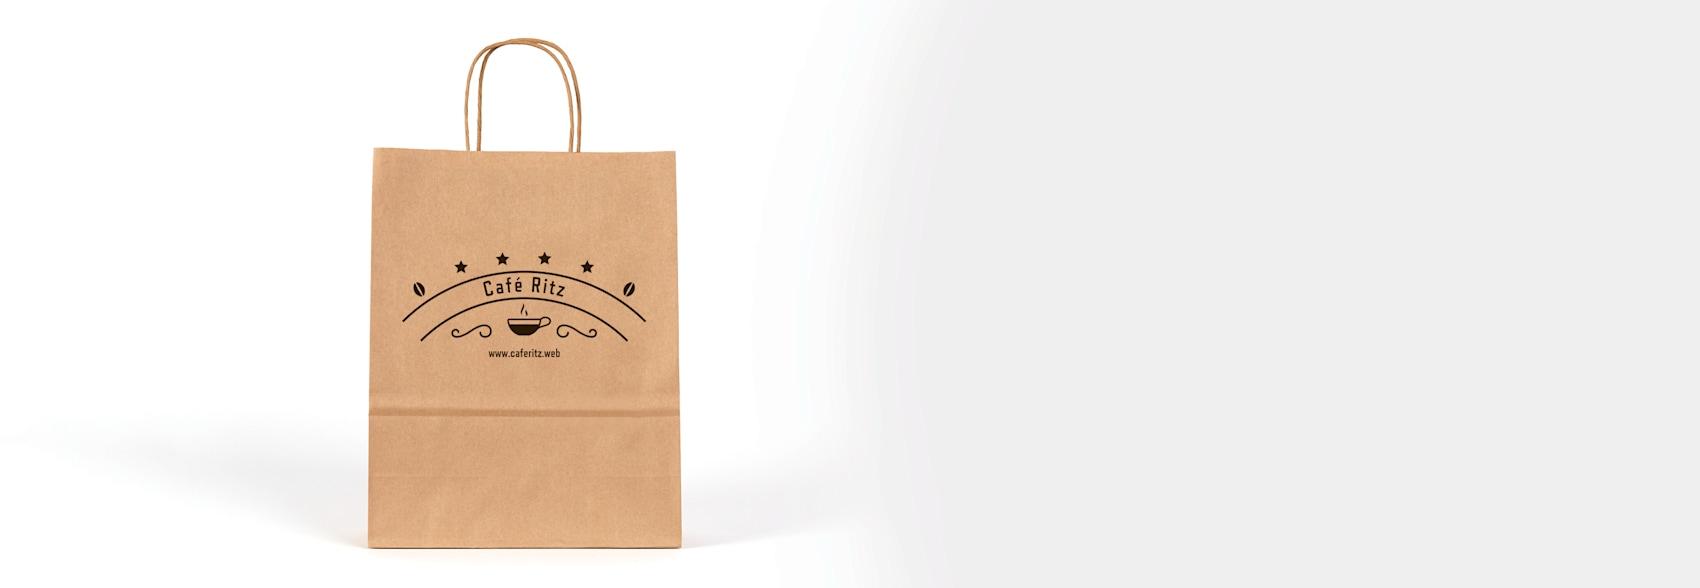 sacs personnalisés pour les entreprises